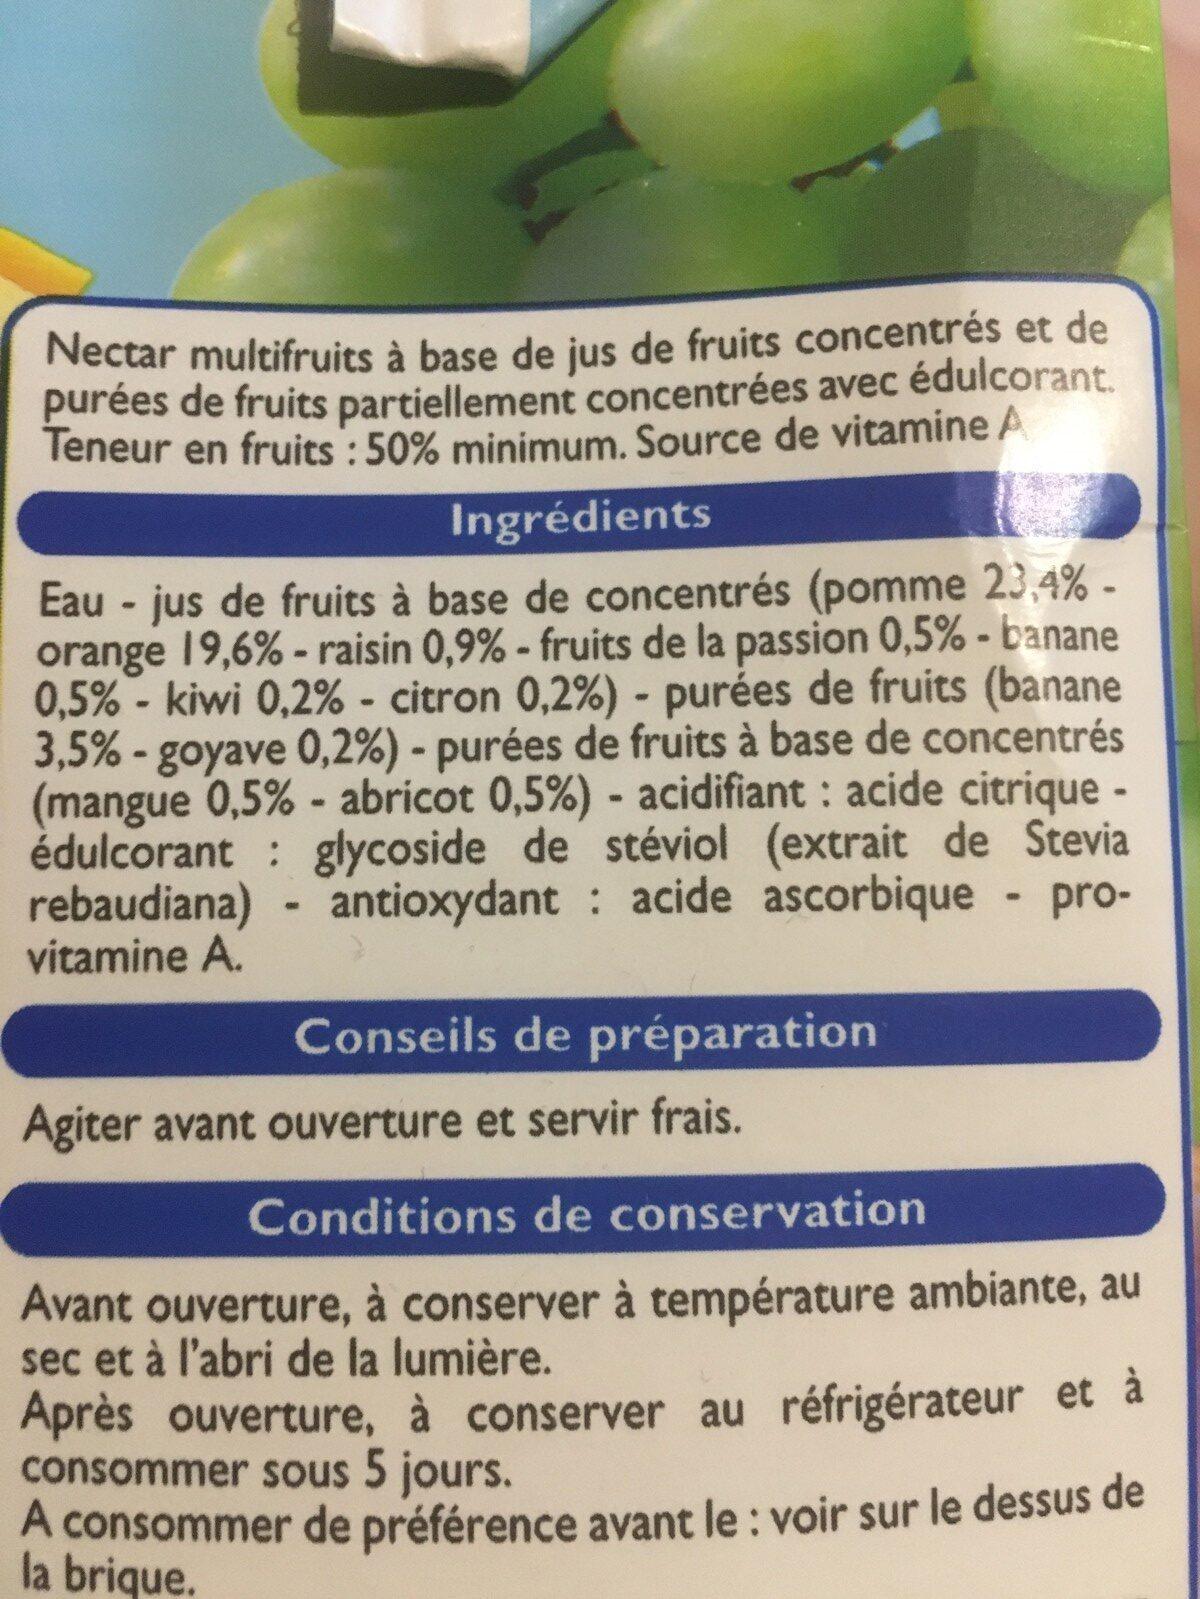 Nectar multifruits à l'extrait de Stévia - Ingrediënten - fr